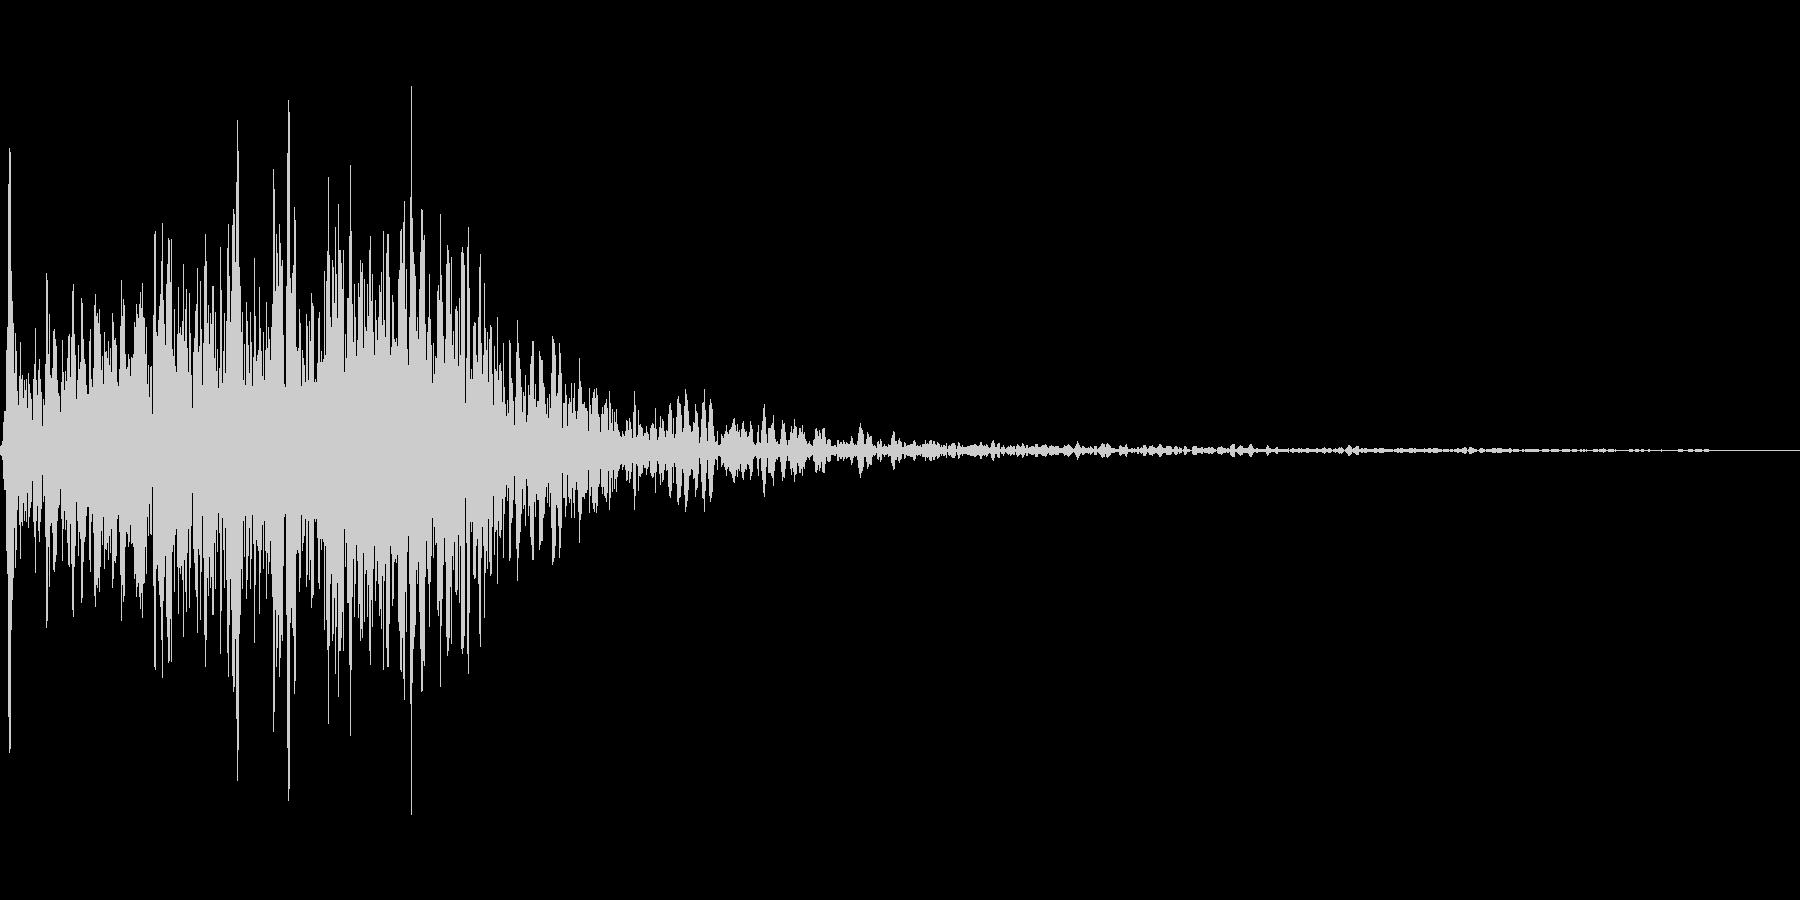 吹きすさぶ風・竜巻系の魔法(中レベル)mの未再生の波形